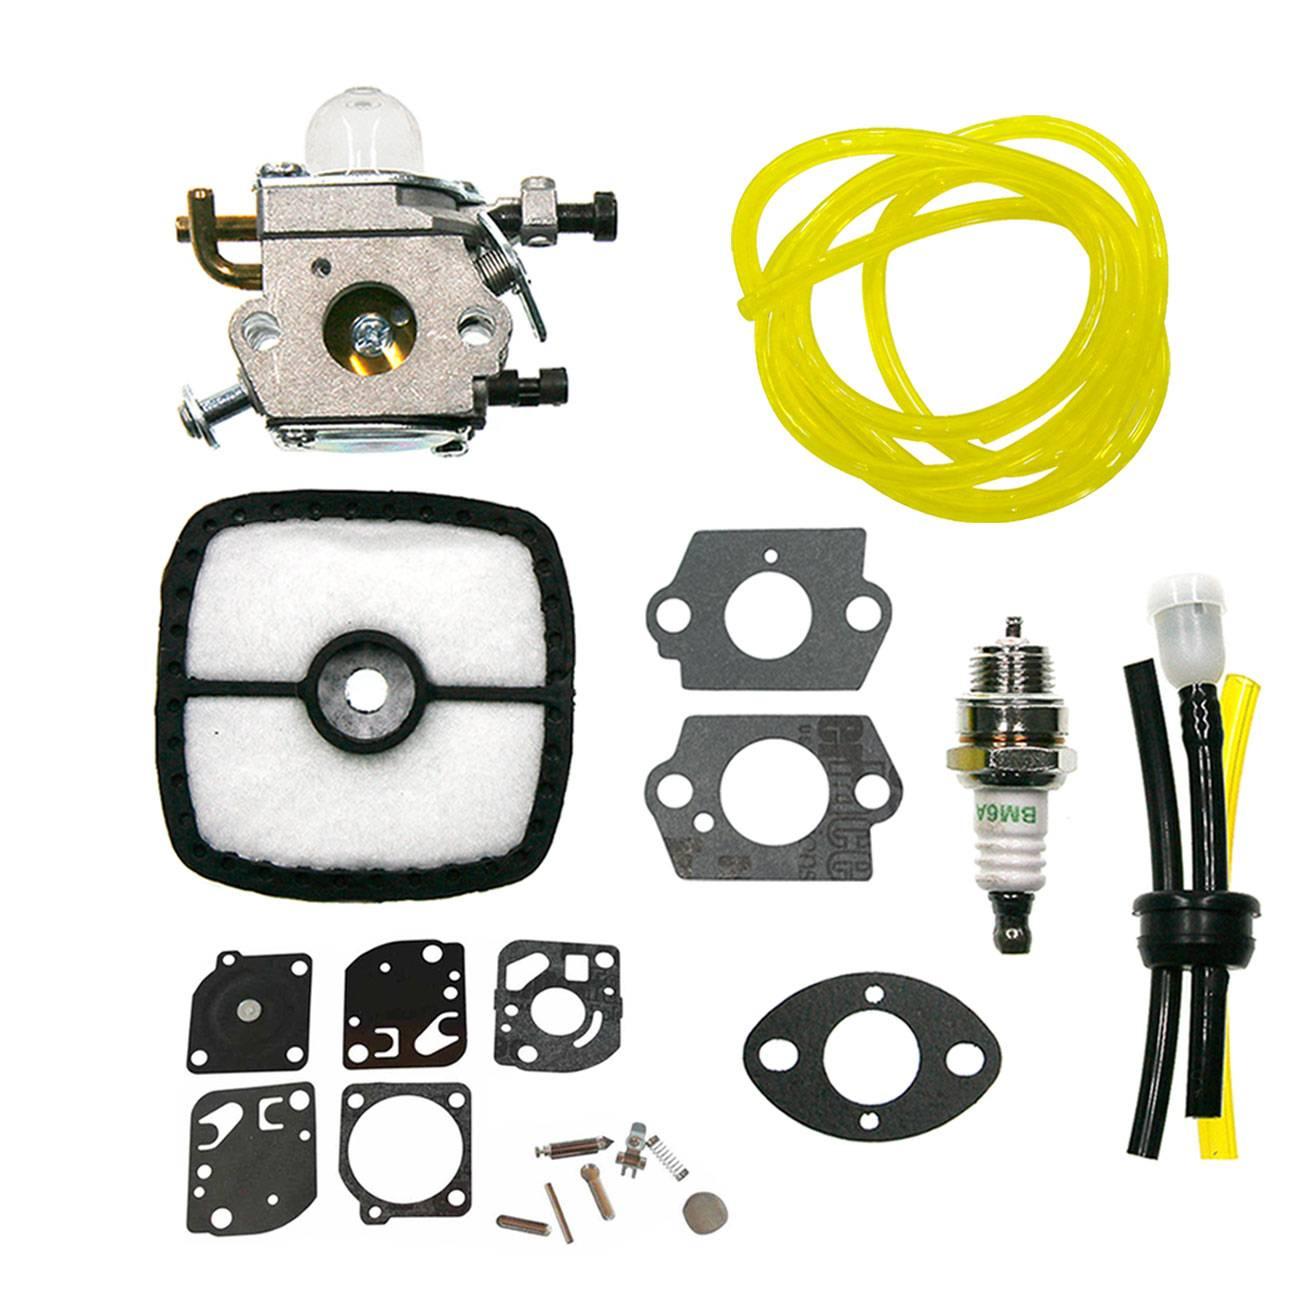 Carburetor  Gasket Fuel Hose air filter spark plug Fits Zama C1U-K78 A021000940 A021000941Carburetor  Gasket Fuel Hose air filter spark plug Fits Zama C1U-K78 A021000940 A021000941